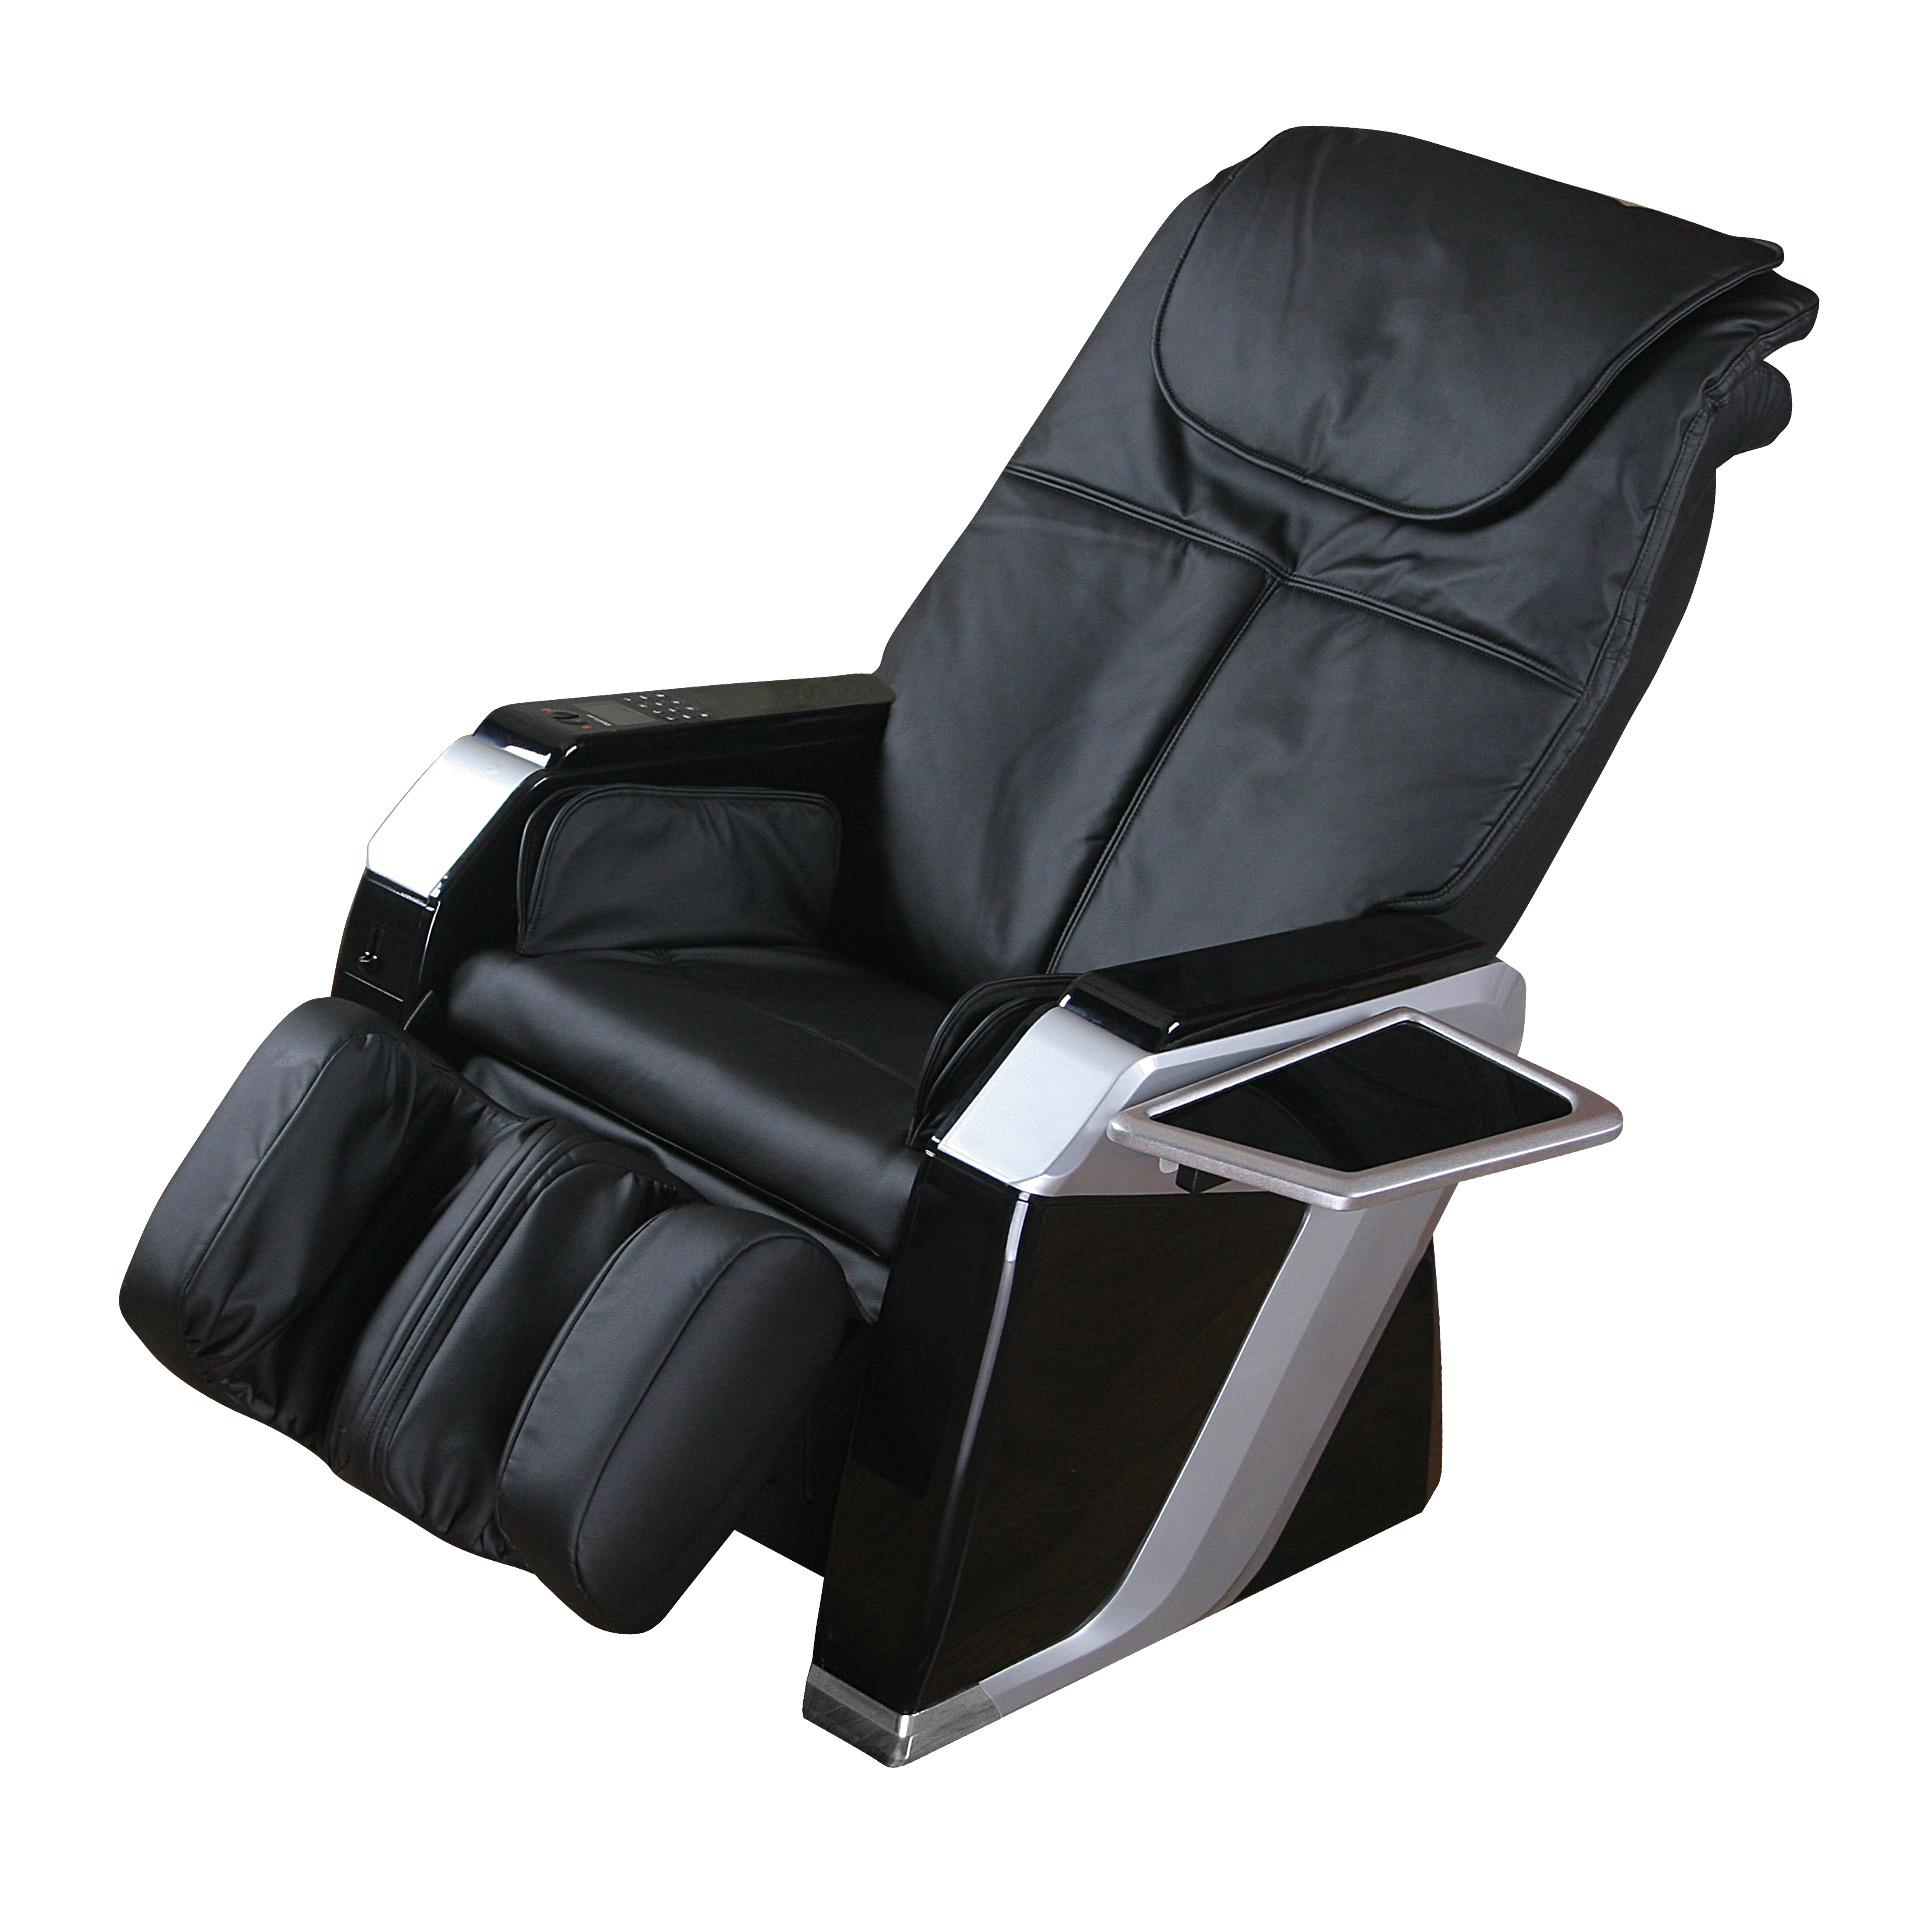 Poltrona Massaggiante Usata.Poltrona Massaggiante Komoder Km101 2 Con Gettoniera Monete Di 1 Euro